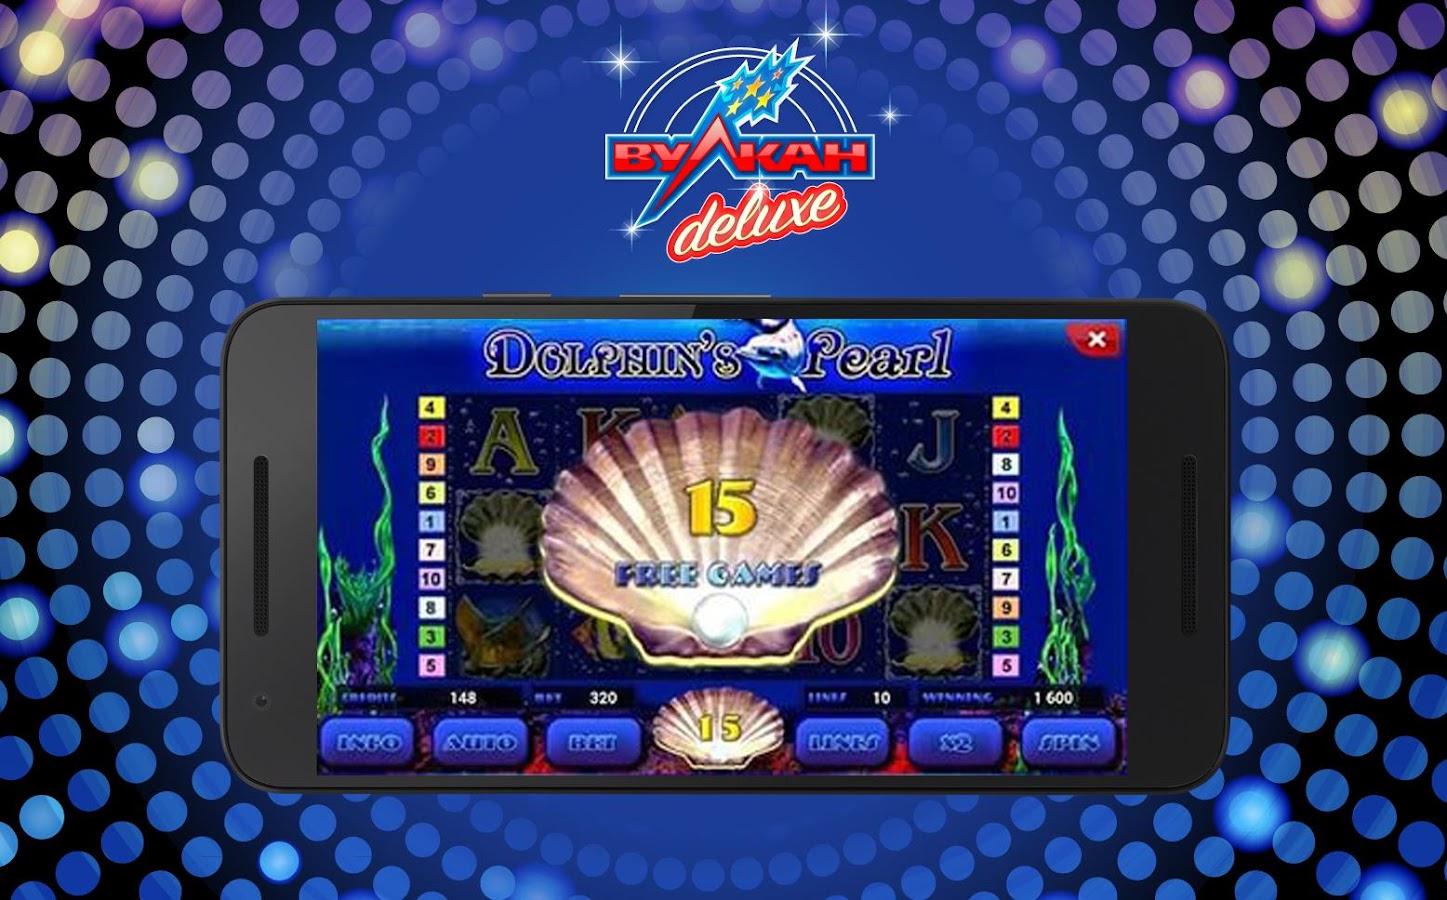 казино вулкан делюкс игровые